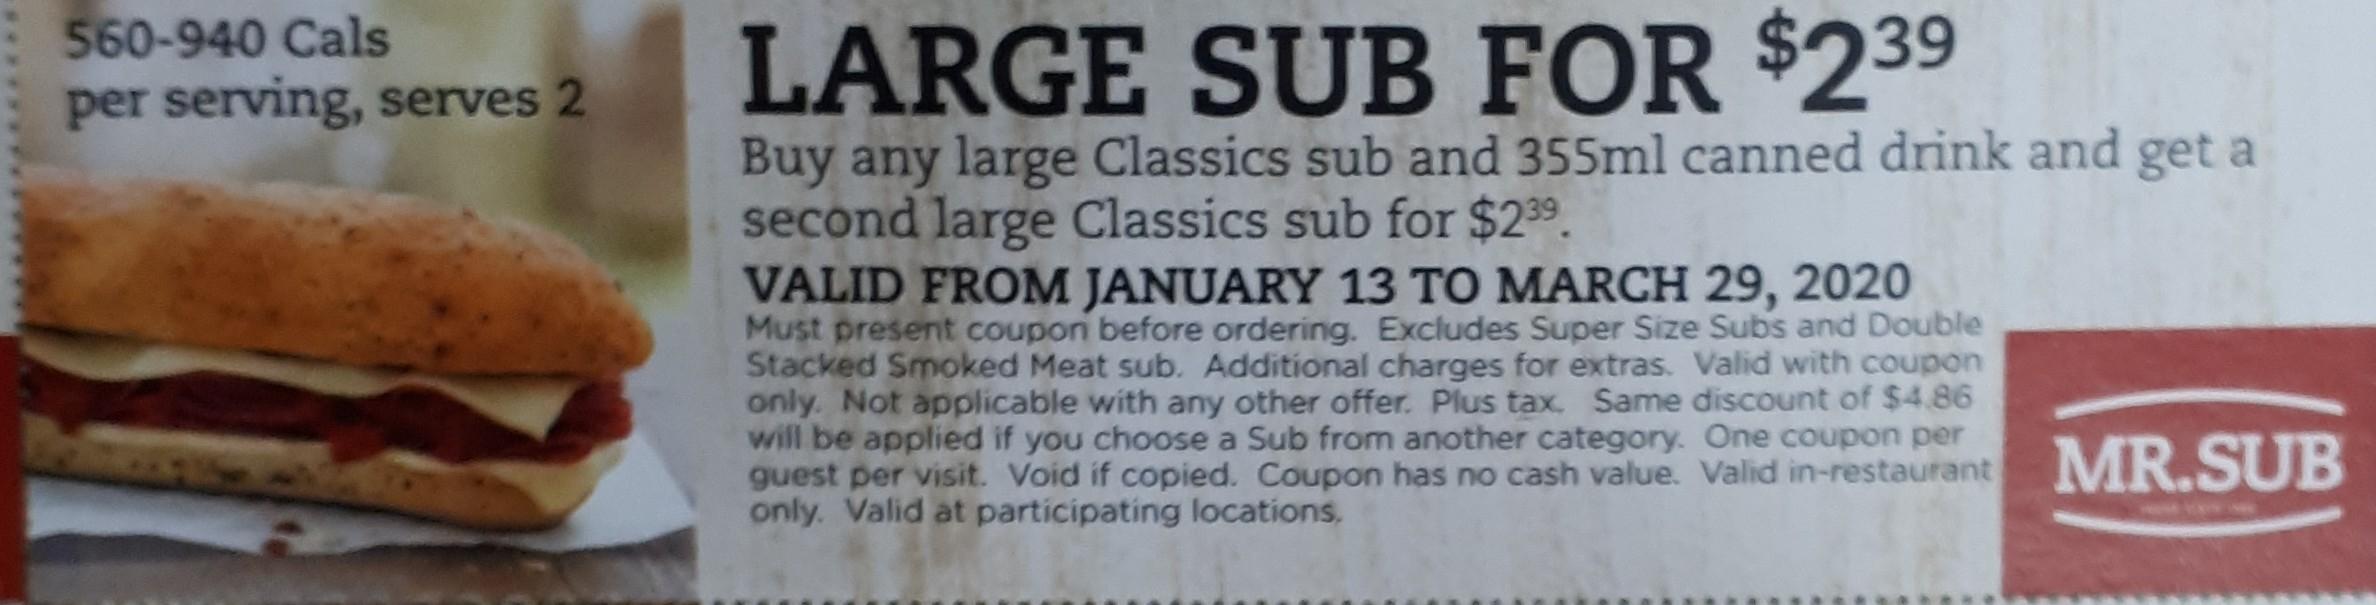 Large Sub $2.39